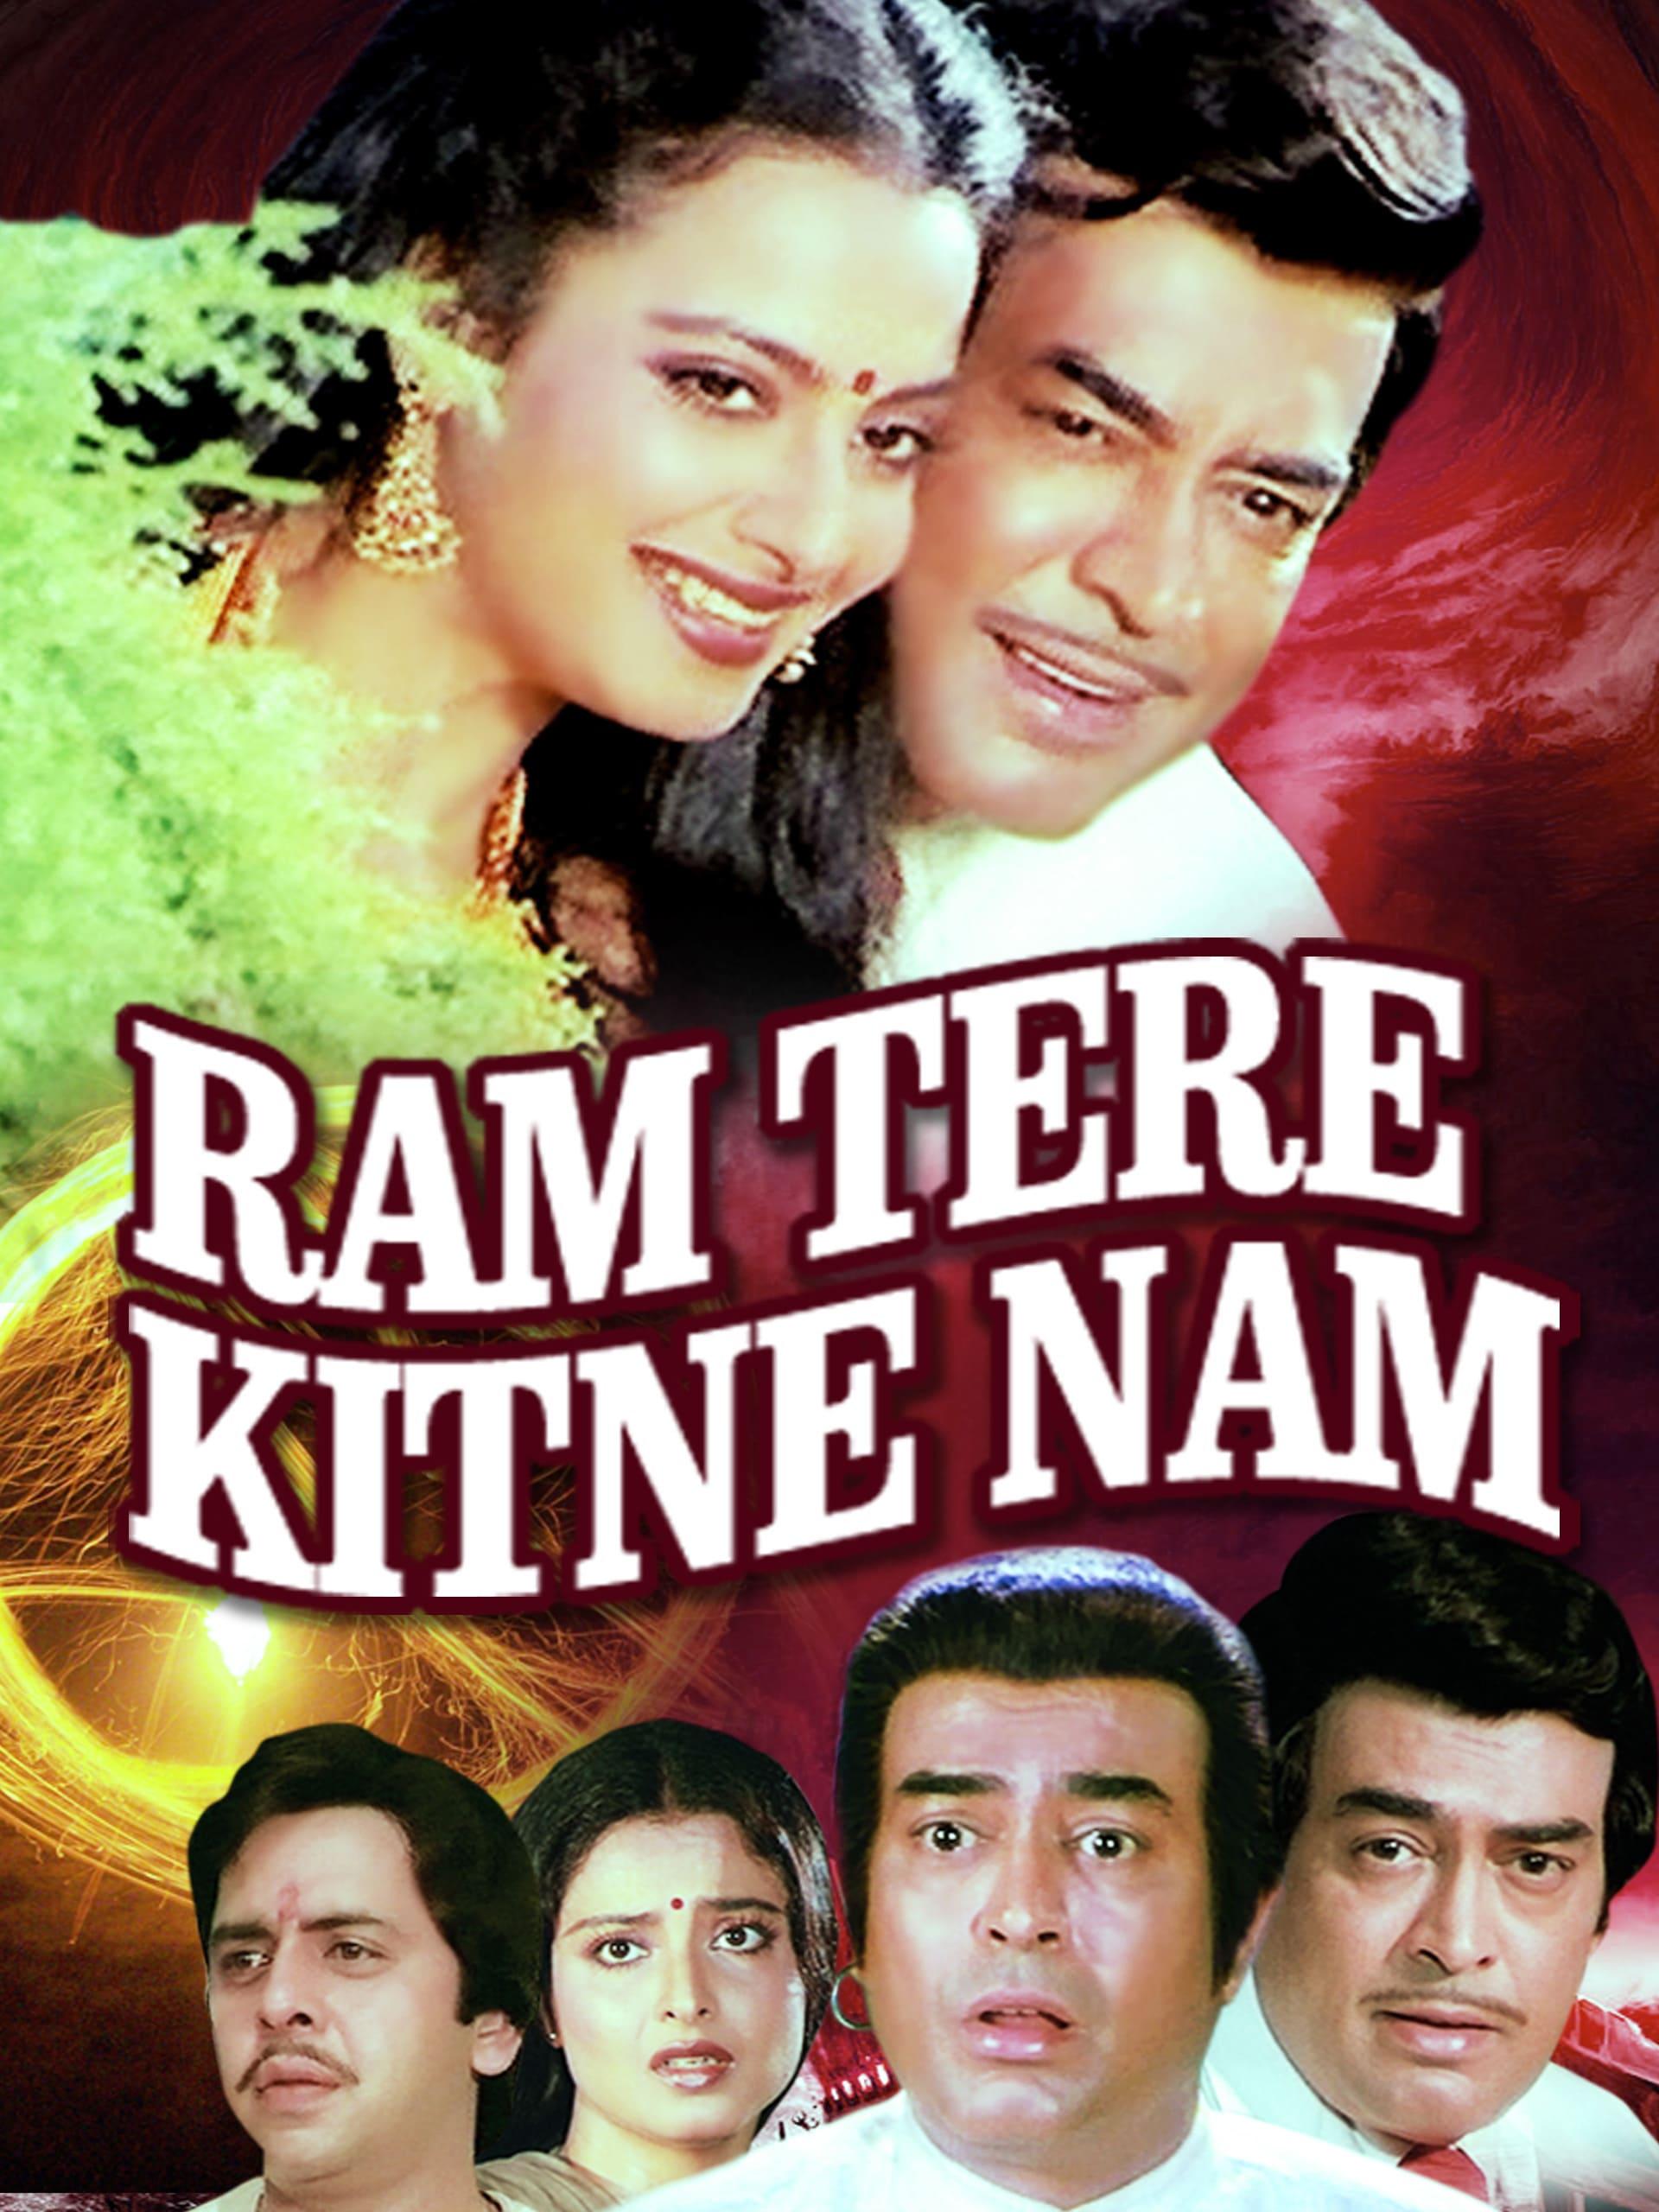 Ram Tere Kitne Nam Movie Streaming Online